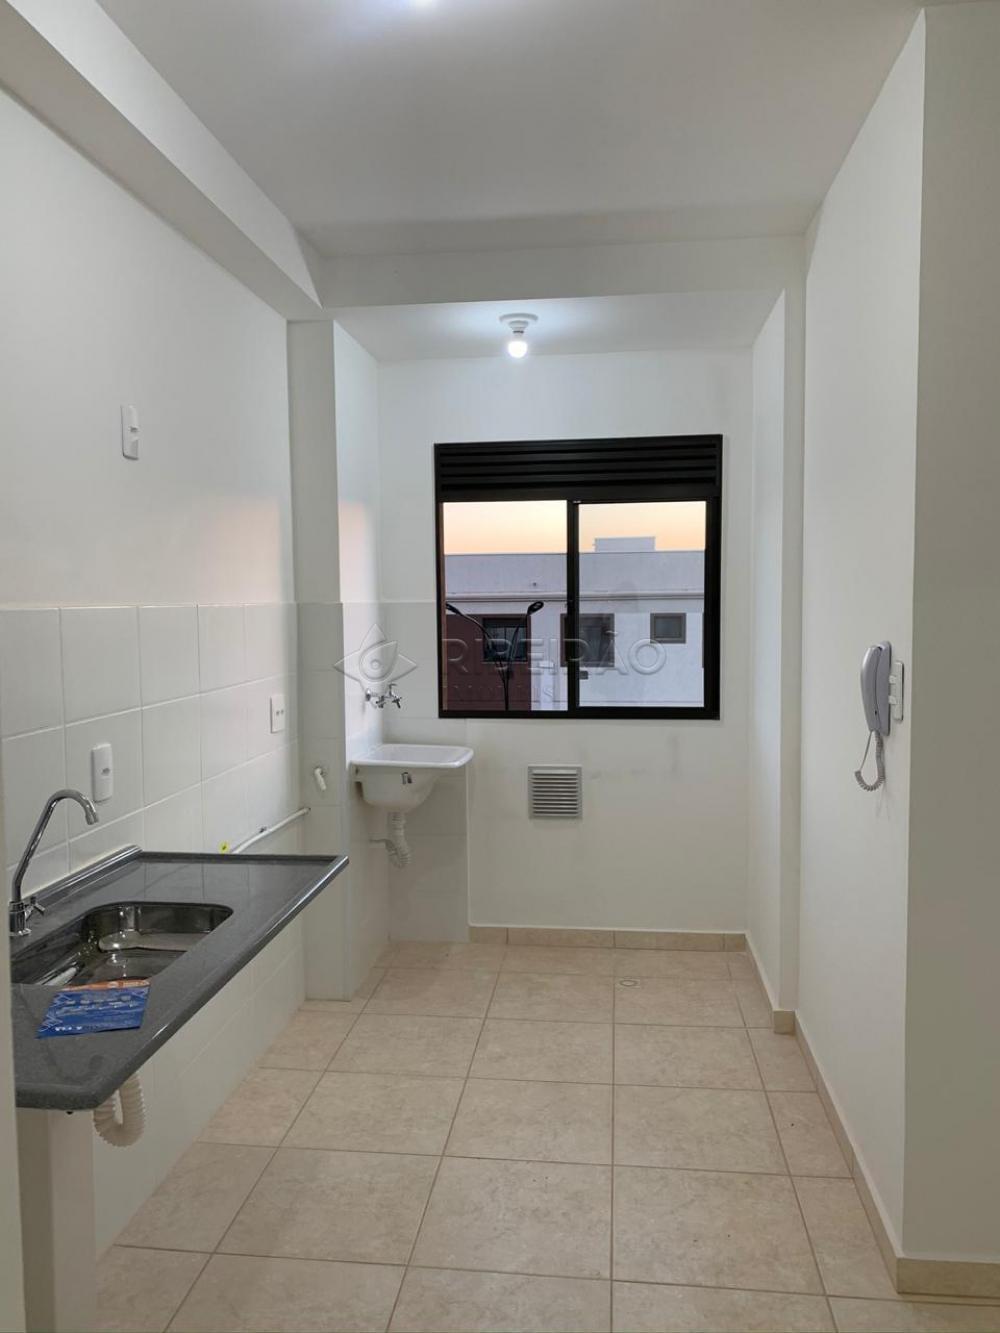 Alugar Apartamento / Padrão em Bonfim Paulista apenas R$ 600,00 - Foto 7